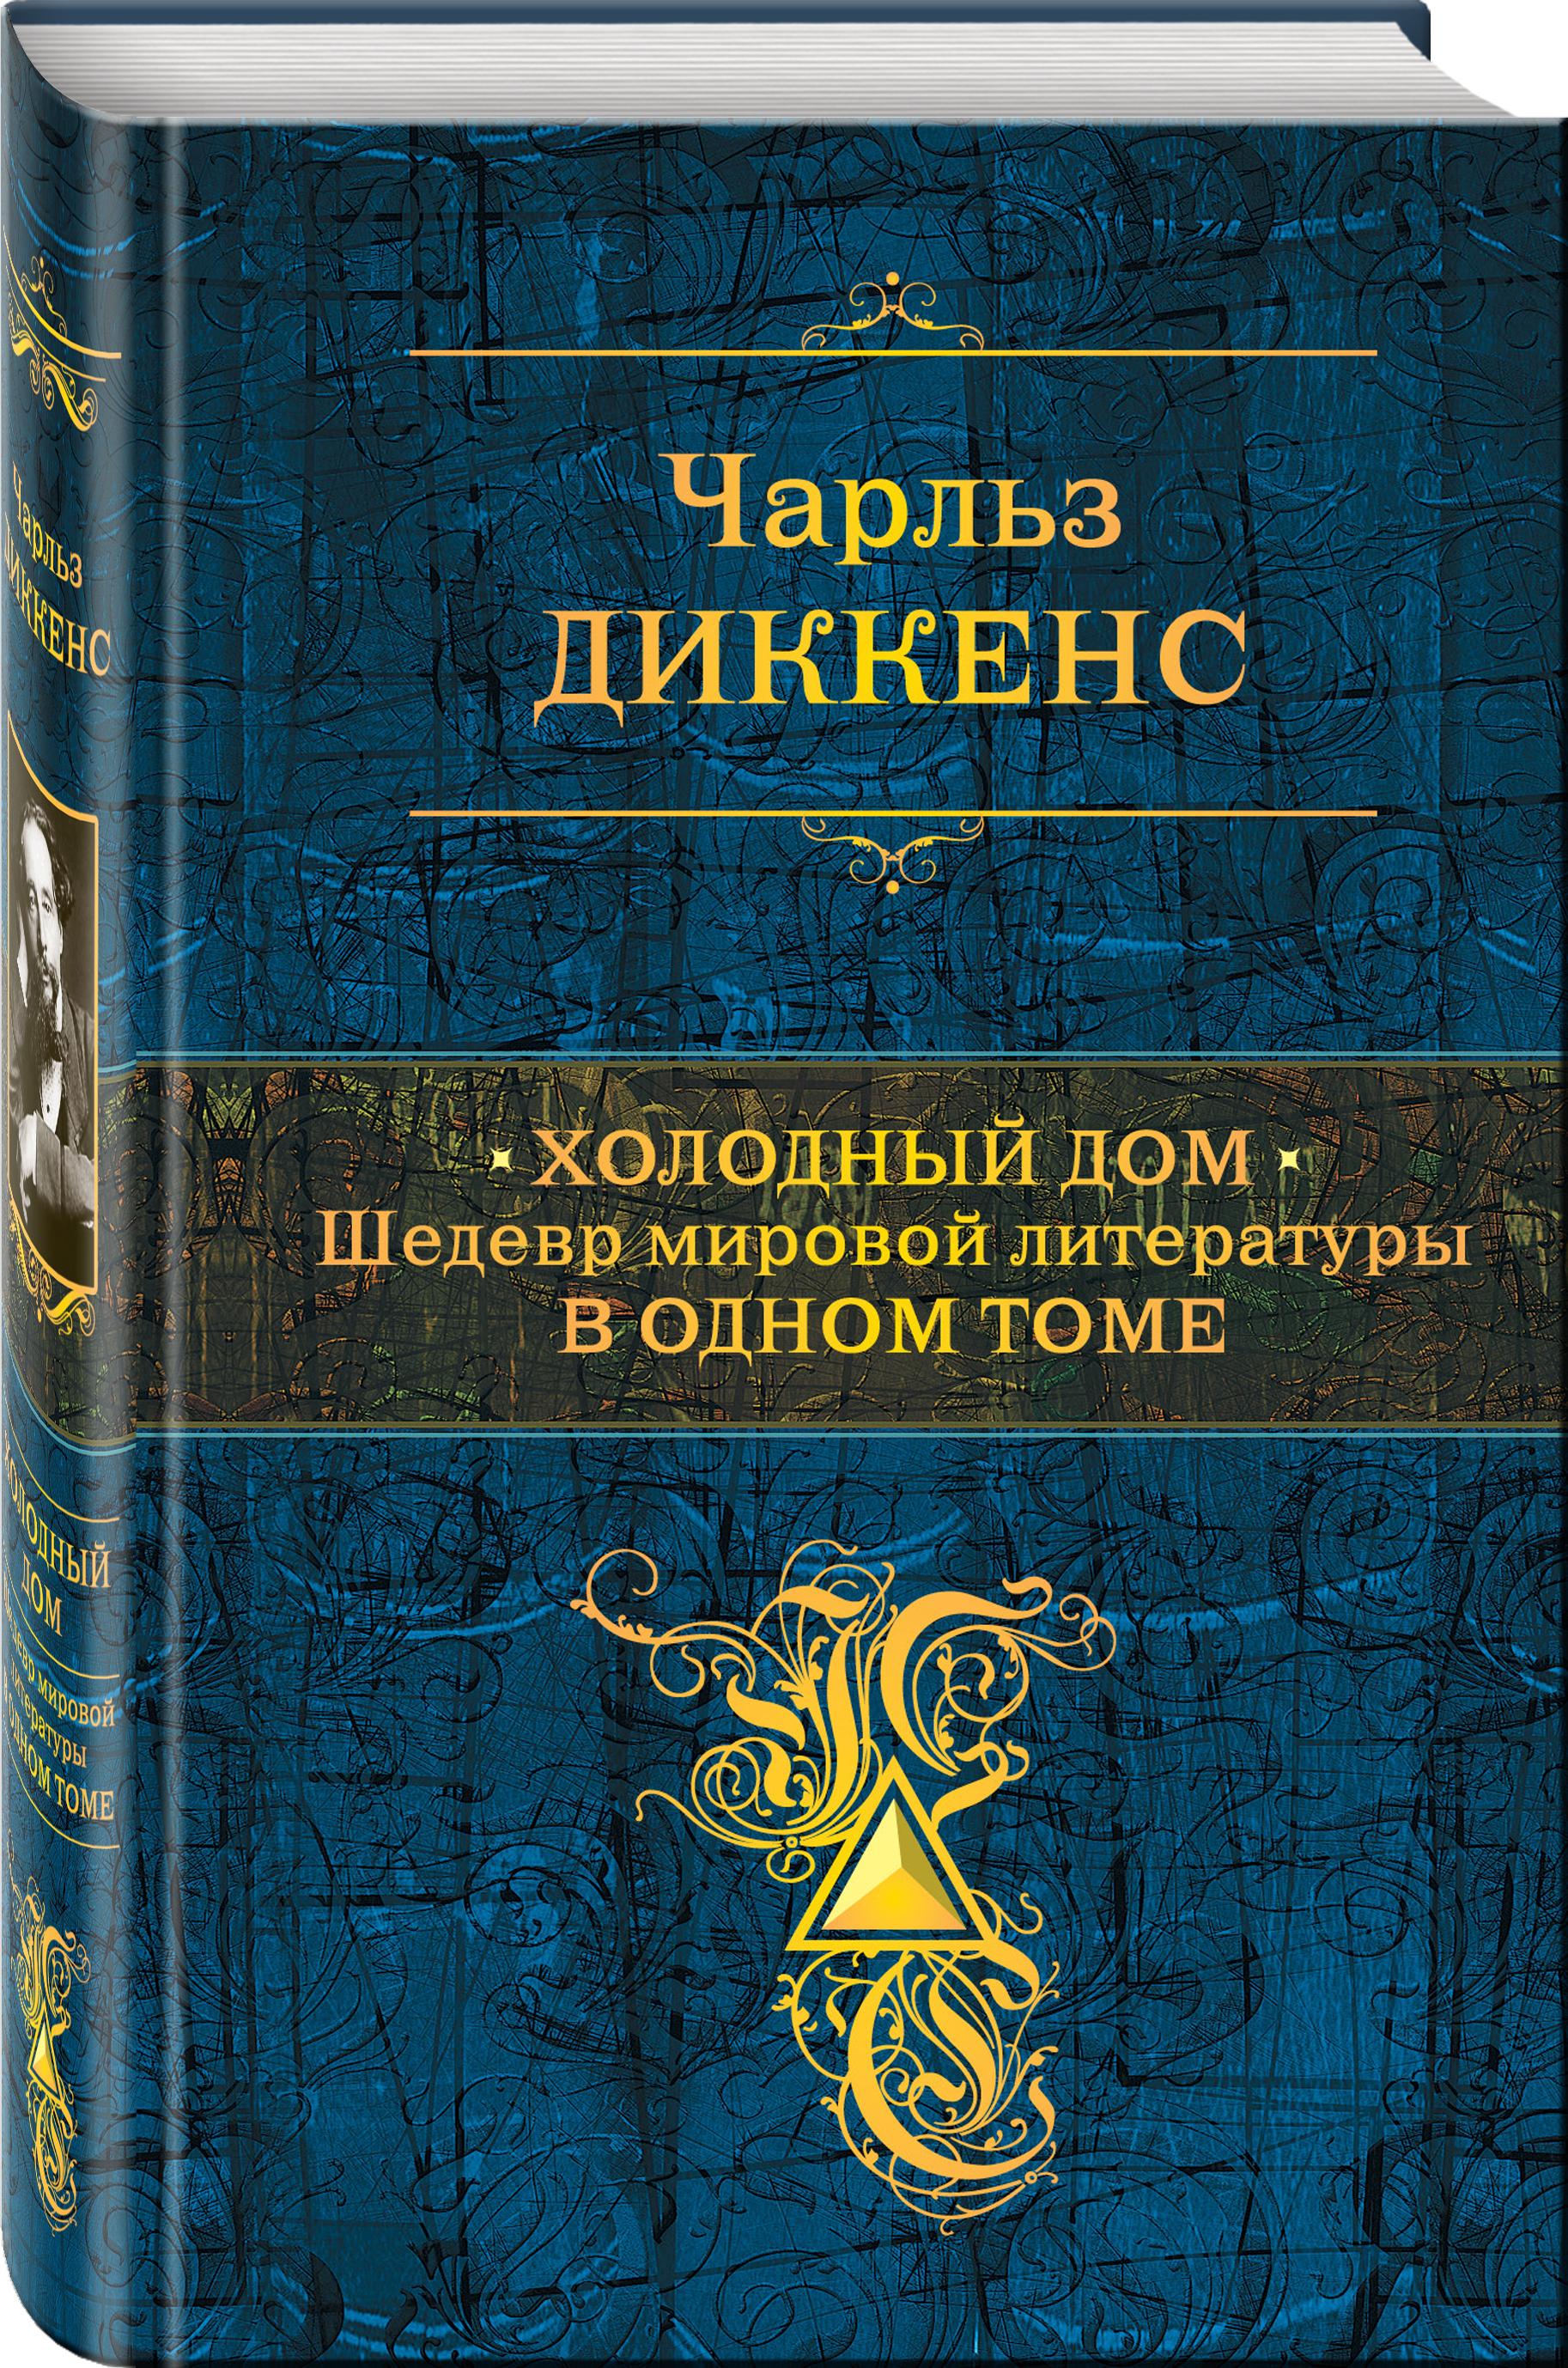 Диккенс Ч. Холодный дом. Шедевр мировой литературы в одном томе книги эксмо холодный дом шедевр мировой литературы в одном томе